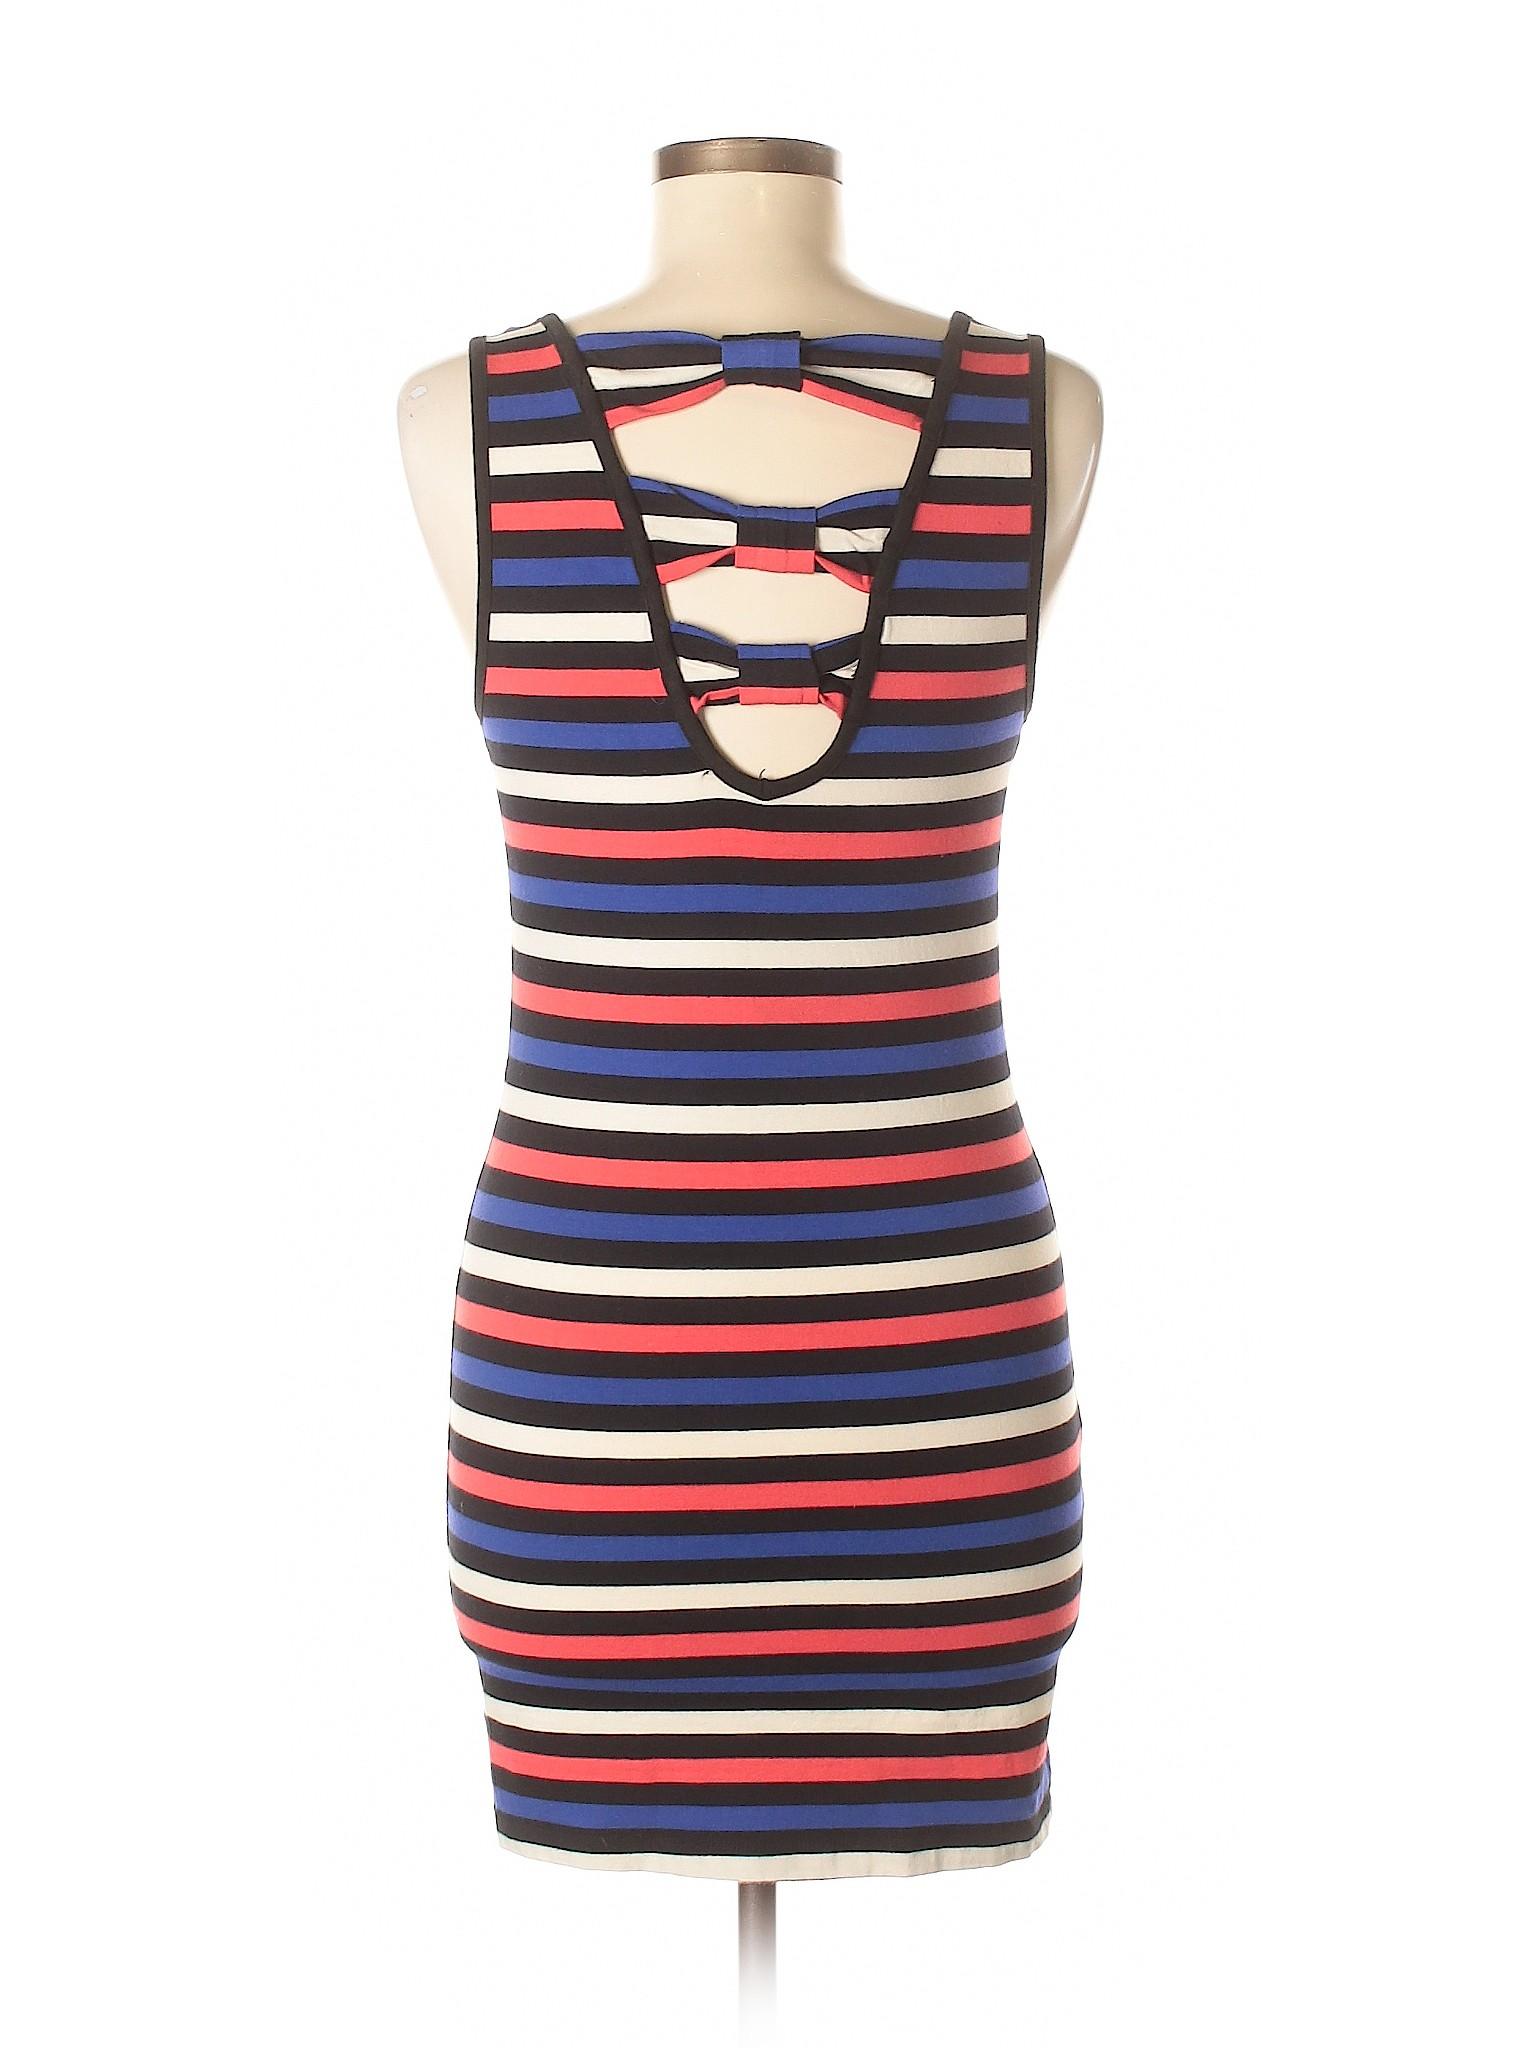 XXI XXI Selling Dress Selling Selling XXI XXI Selling Dress Casual Casual Casual Dress Selling Casual Dress fnqwpT5fxS